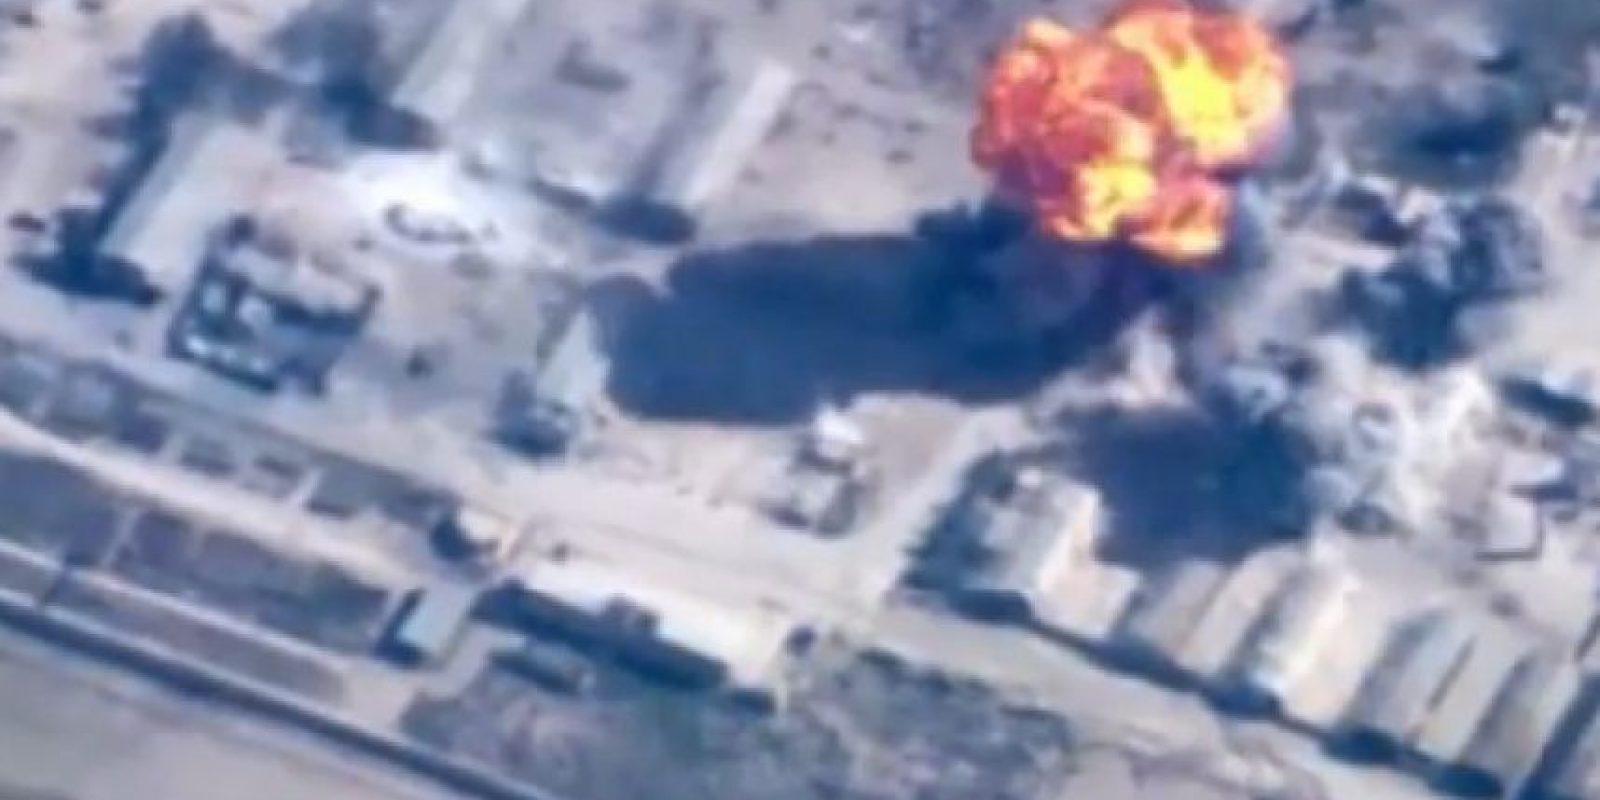 Ahora Jordania ha publicado un video en el que muestra sus preparativos para bombardear a ISIS en Siria. Foto:Captura de pantalla